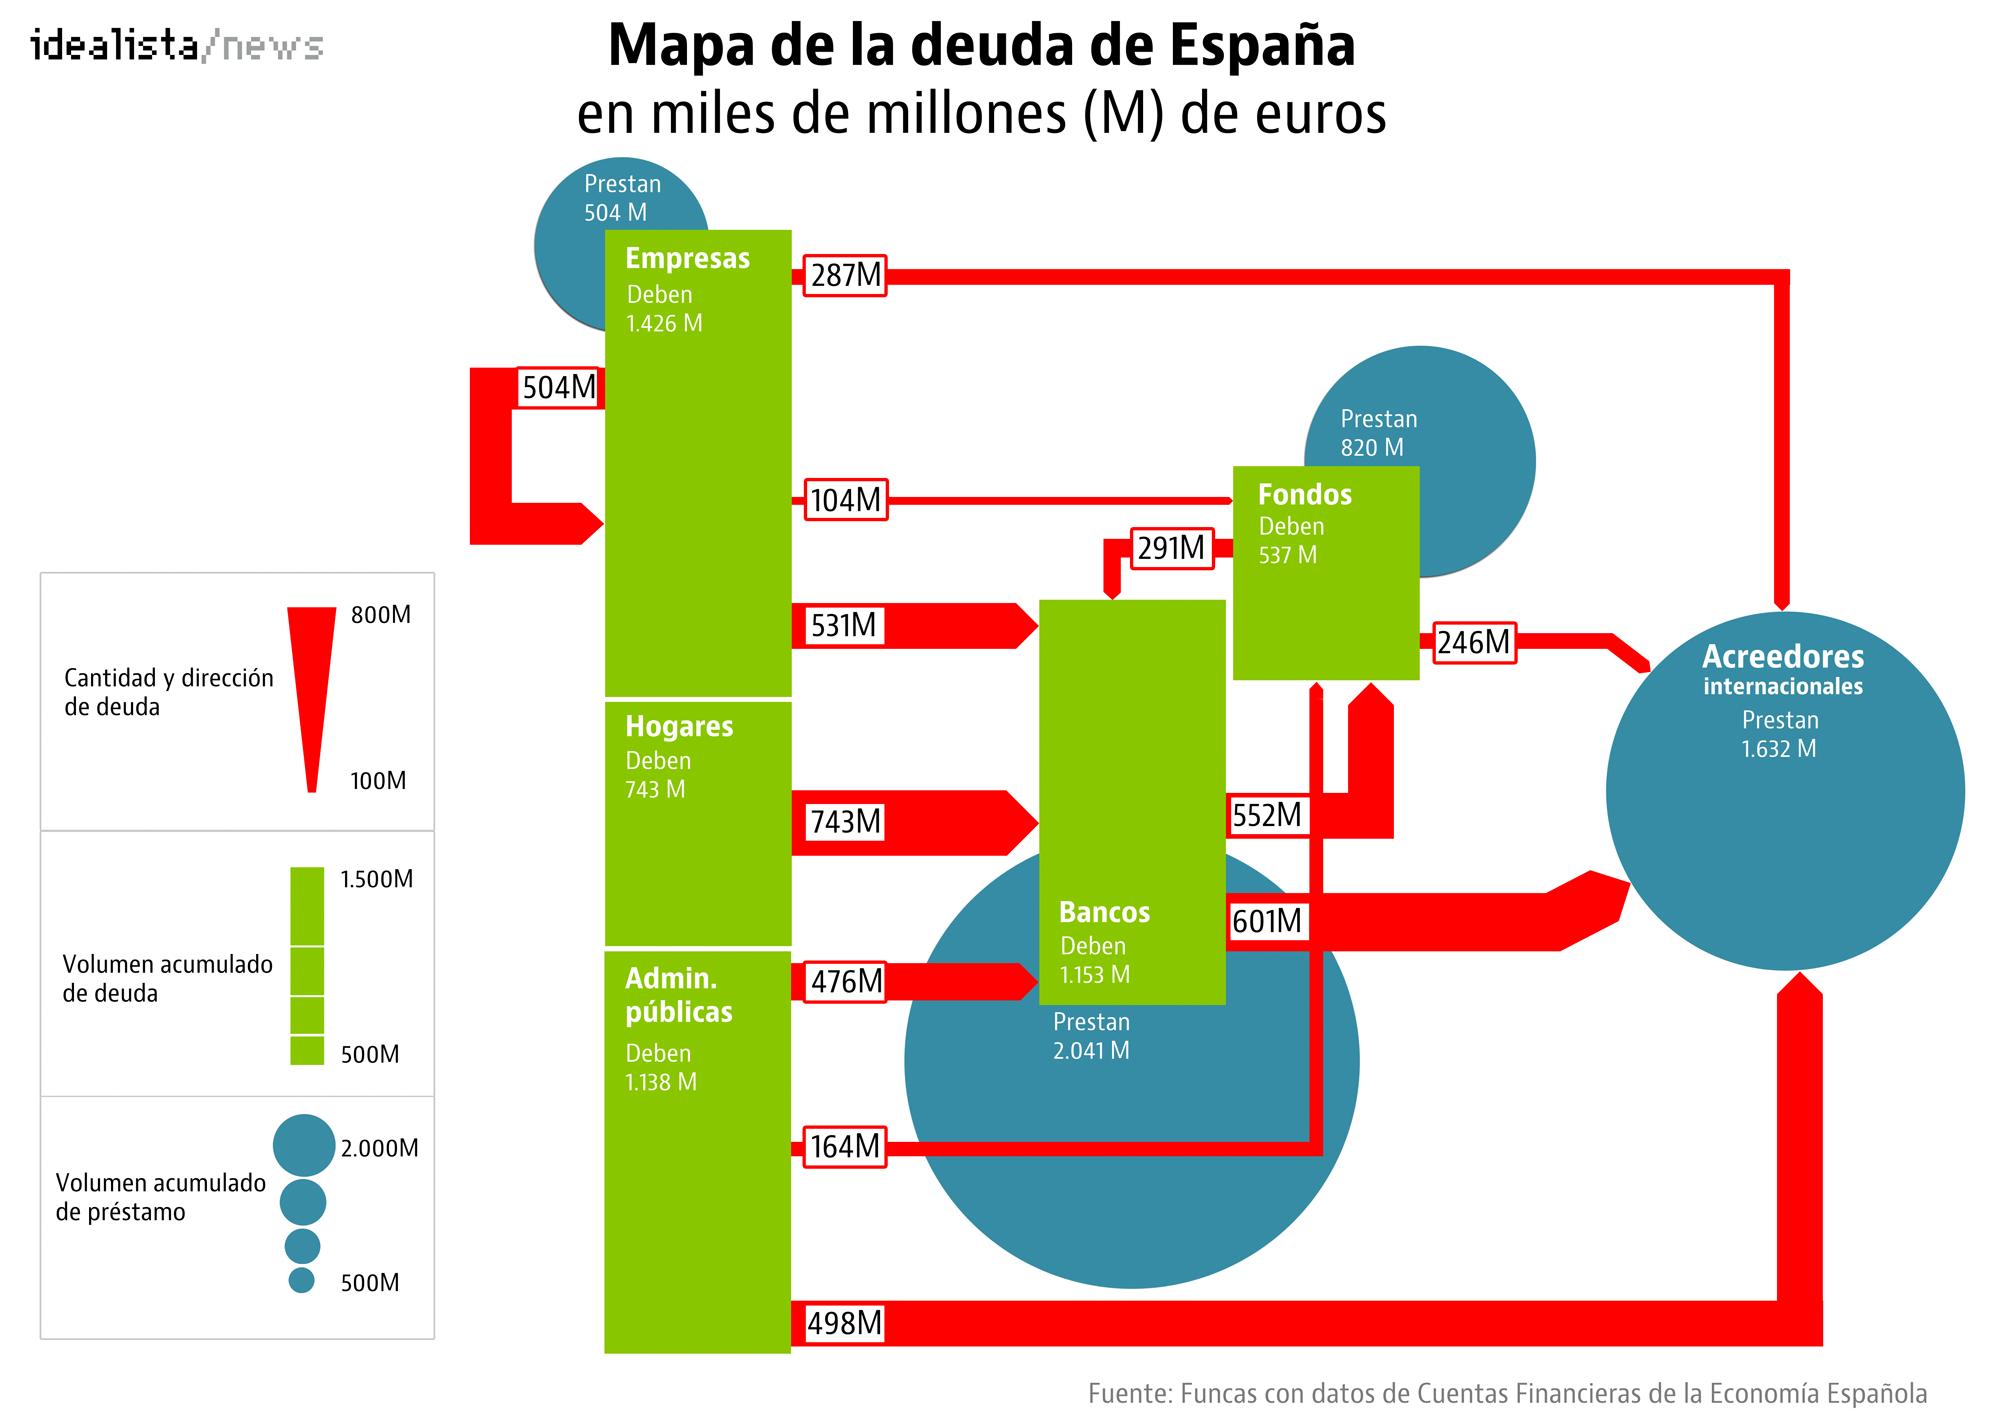 Mapa de la multimillonaria deuda española